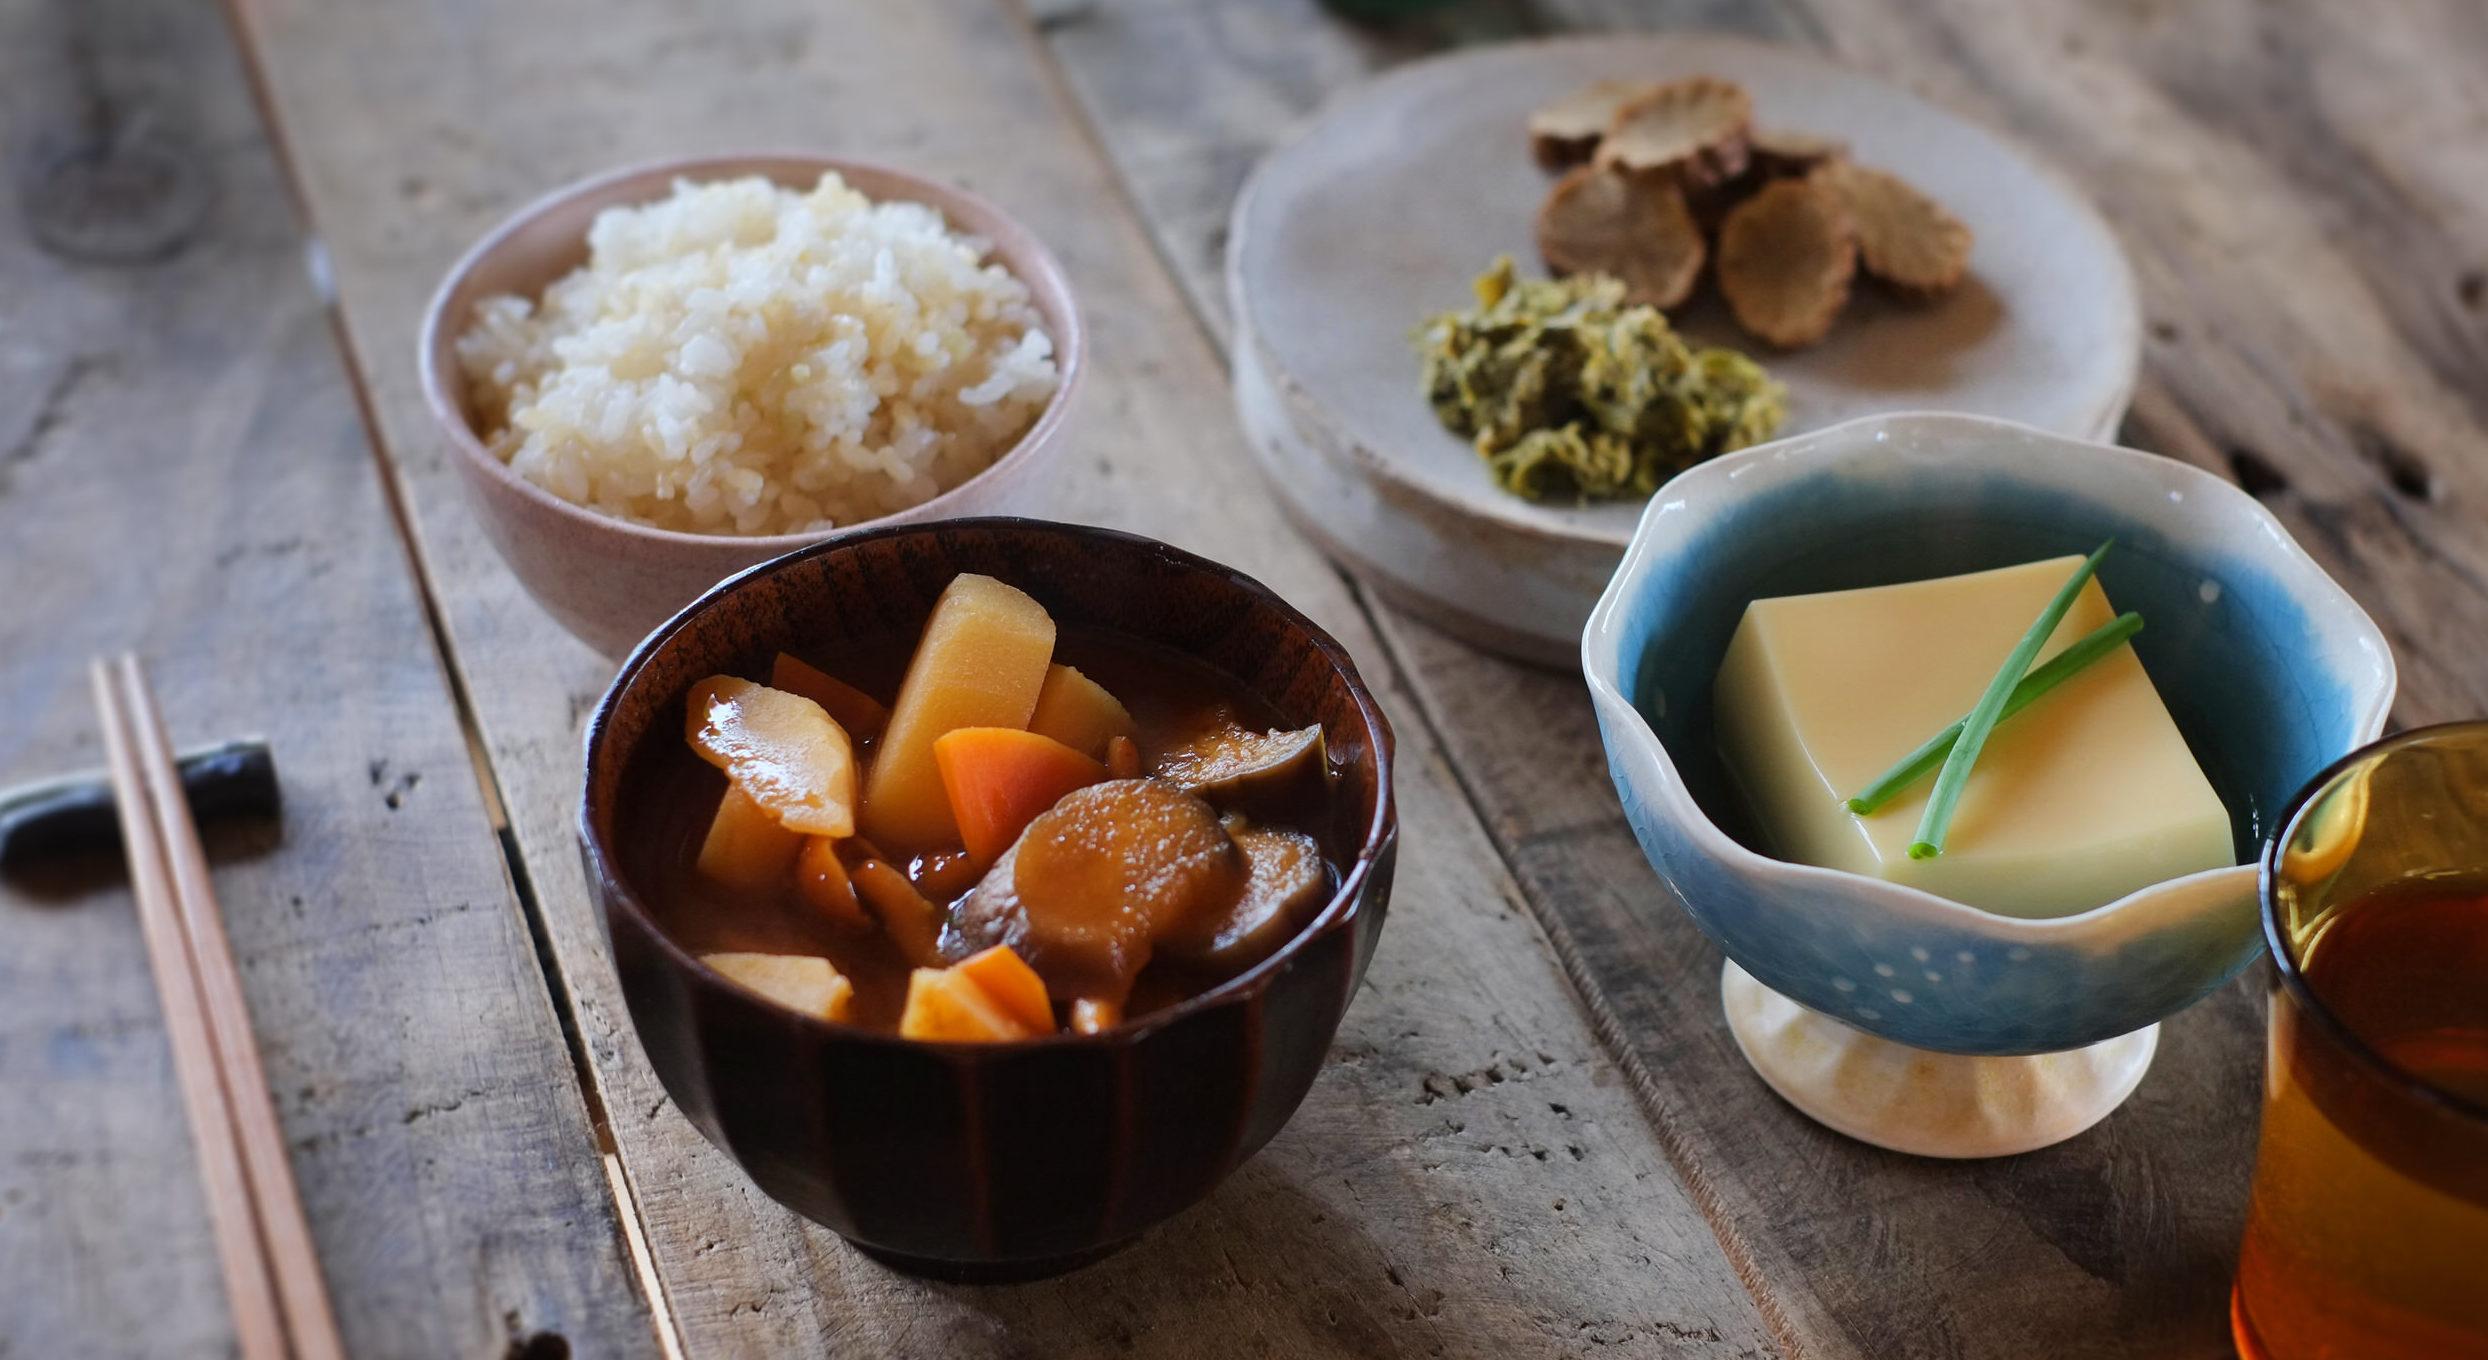 男性がニキビを改善するために摂るべき食べ物とは?